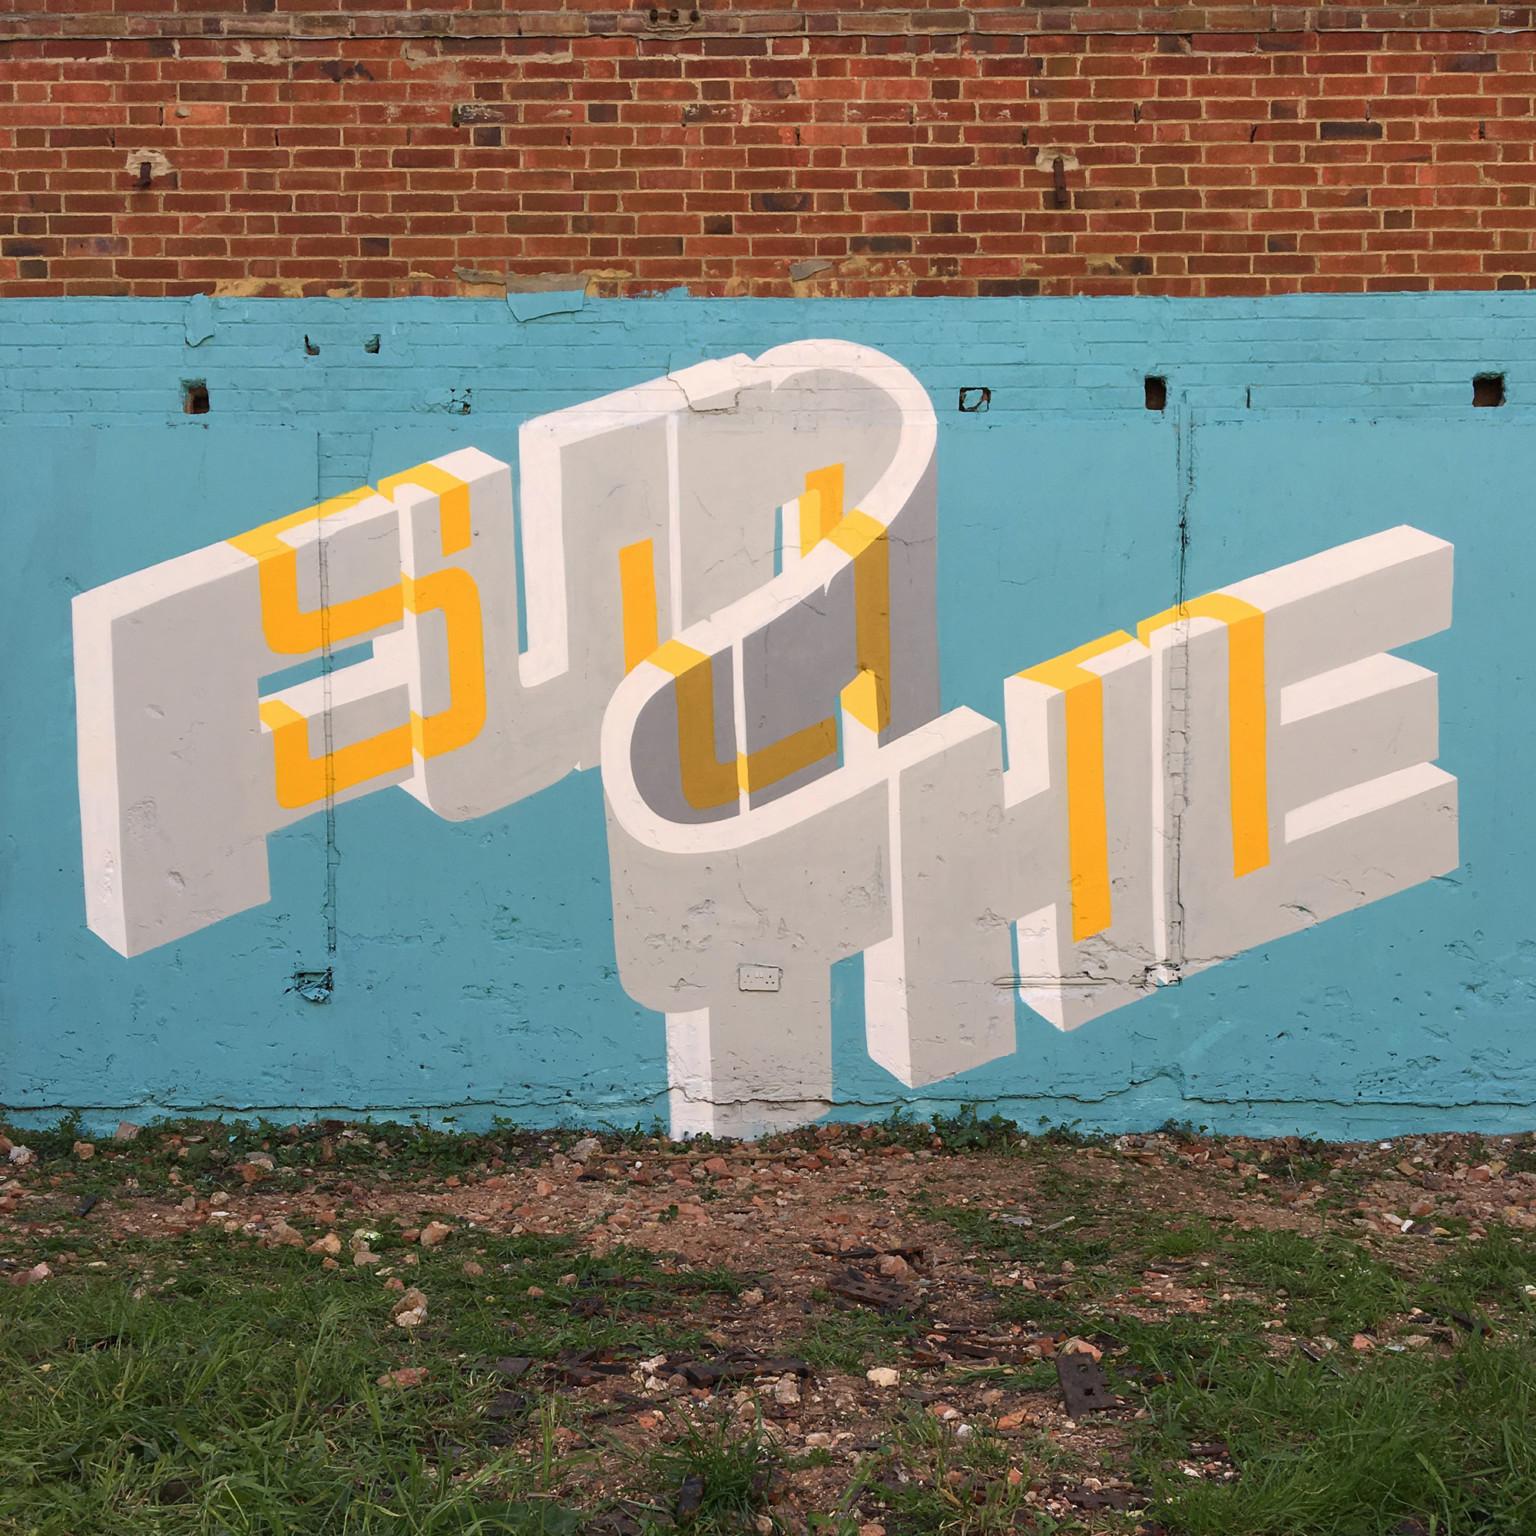 Il lettering 3D dello street artist Pref | Collater.al 2